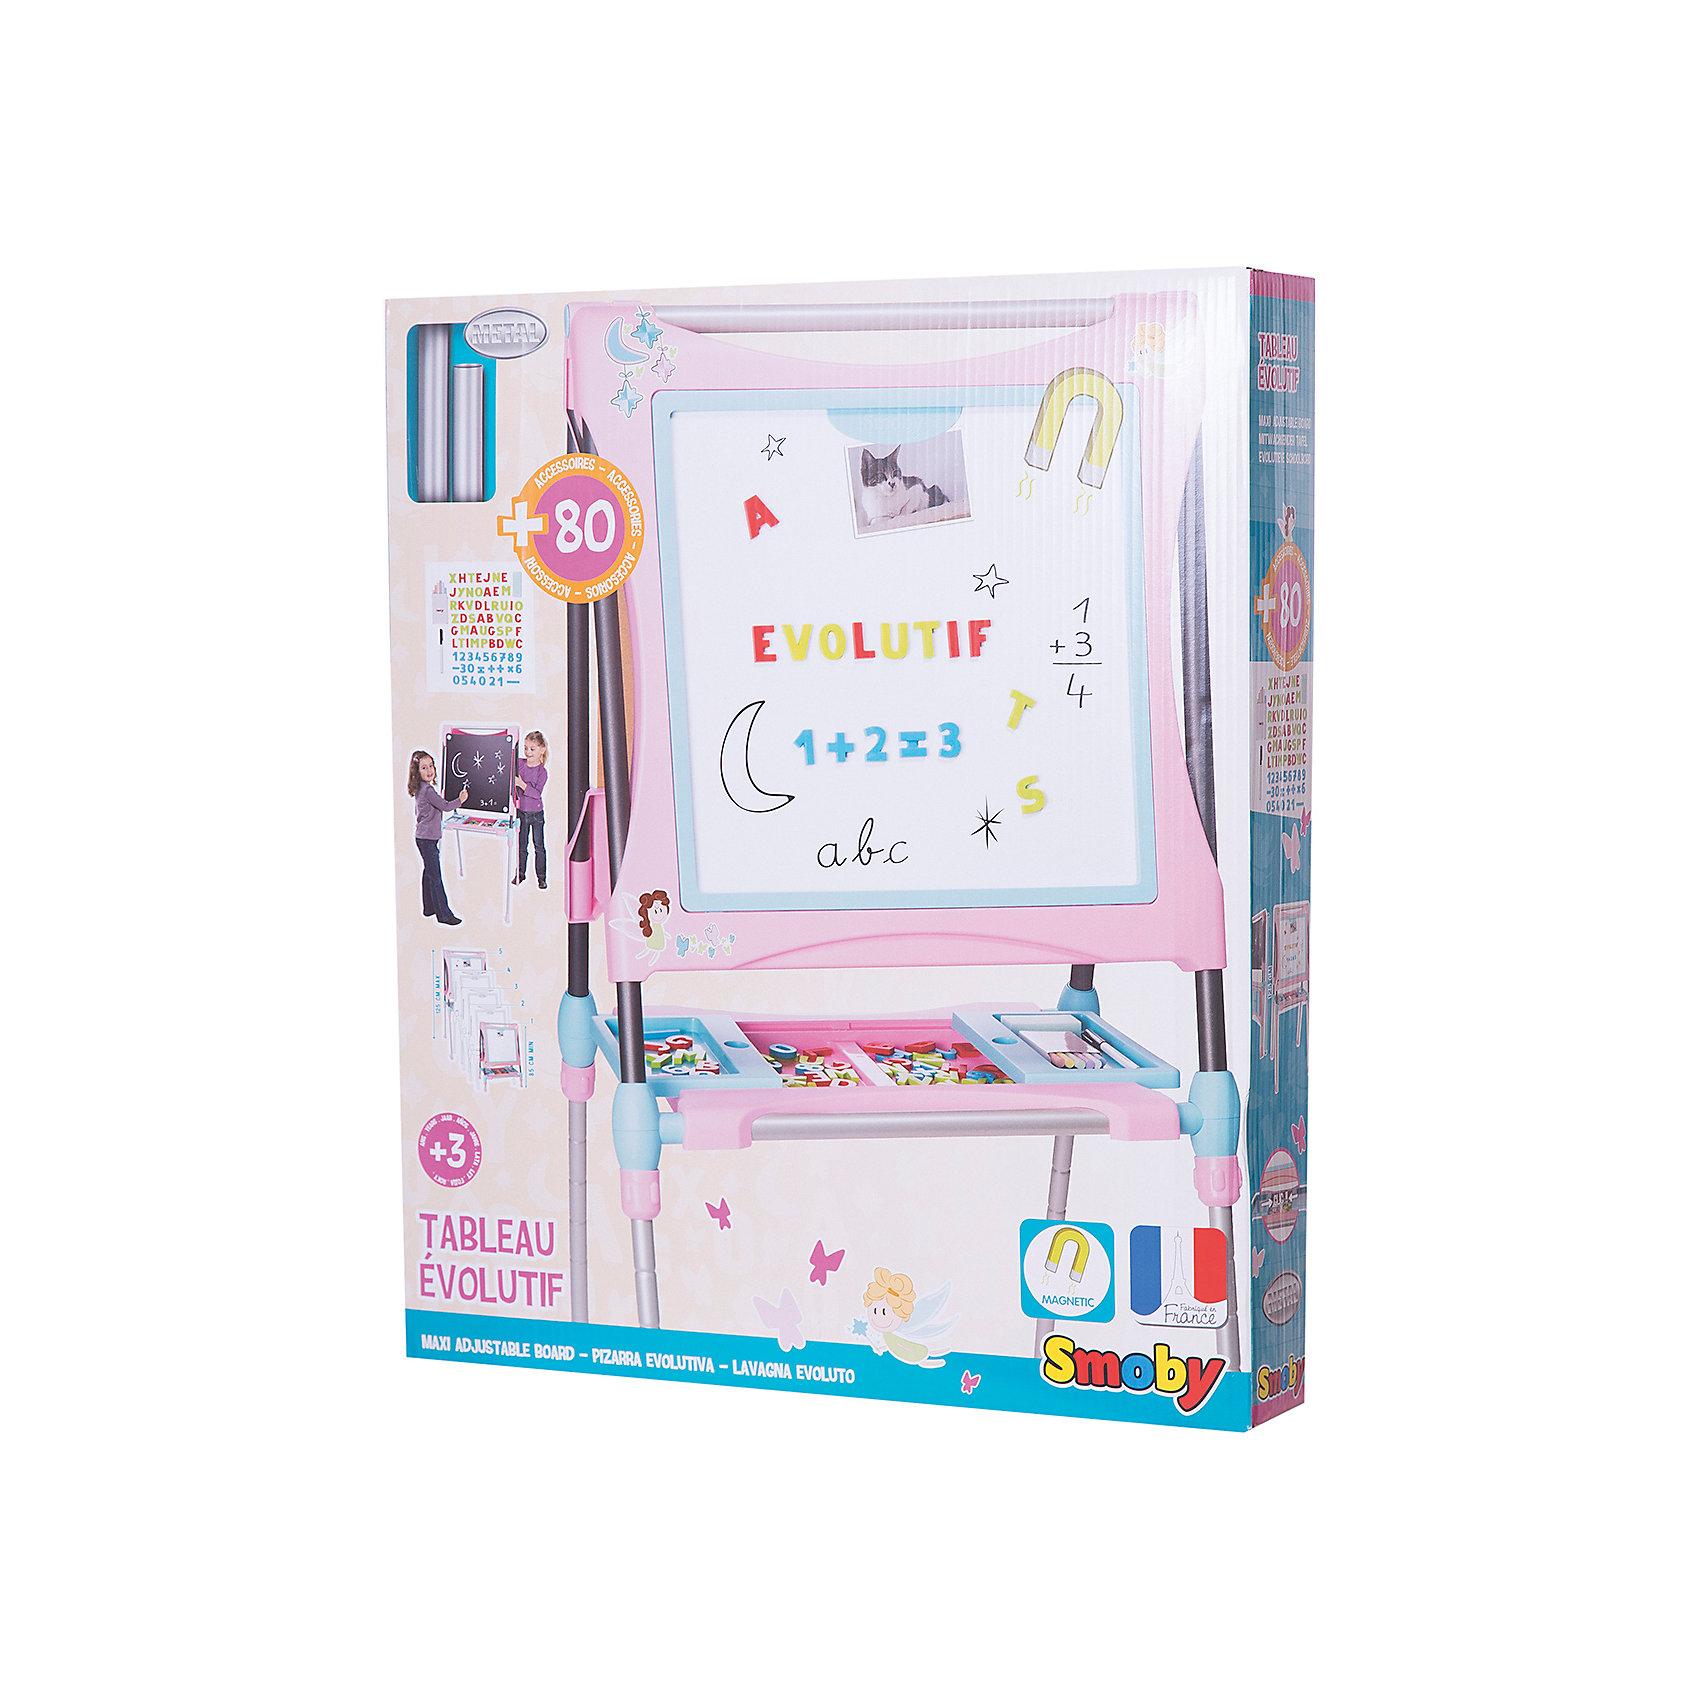 Мольберт-трансформер, розовый, SmobyМебель<br>Характеристики:<br><br>• аксессуары: 60 предметов;<br>• размер мольберта: 63х63х125 см;<br>• высота: 80-125 см;<br>• размер упаковки: 72х11х62 см;<br>• вес: 7 кг.<br><br>Мольберт для рисования имеет две стороны, черную и белую, для рисования и крепления магнитиков. Входящие в комплект цифры и знаки помогают освоить счет, фигурки крепятся с помощью магнитиков. Рисовать можно мелками (на черной поверхности), стирая художества специальной губкой. Маркер хорошо рисует на белой стороне мольберта. <br><br>Мольберт-трансформер Smoby укомплектован полочкой-подставкой, раздвижные панели которой имеют внутренний отсек для хранения канцелярских принадлежностей. <br><br>Высота рабочей поверхности мольберта регулируется по высоте. В сложенном состоянии мольберт занимает мало места. <br><br>Мольберт-трансформер, розовый, Smoby можно купить в нашем магазине.<br><br>Ширина мм: 720<br>Глубина мм: 600<br>Высота мм: 110<br>Вес г: 2000<br>Возраст от месяцев: 36<br>Возраст до месяцев: 120<br>Пол: Женский<br>Возраст: Детский<br>SKU: 5258965